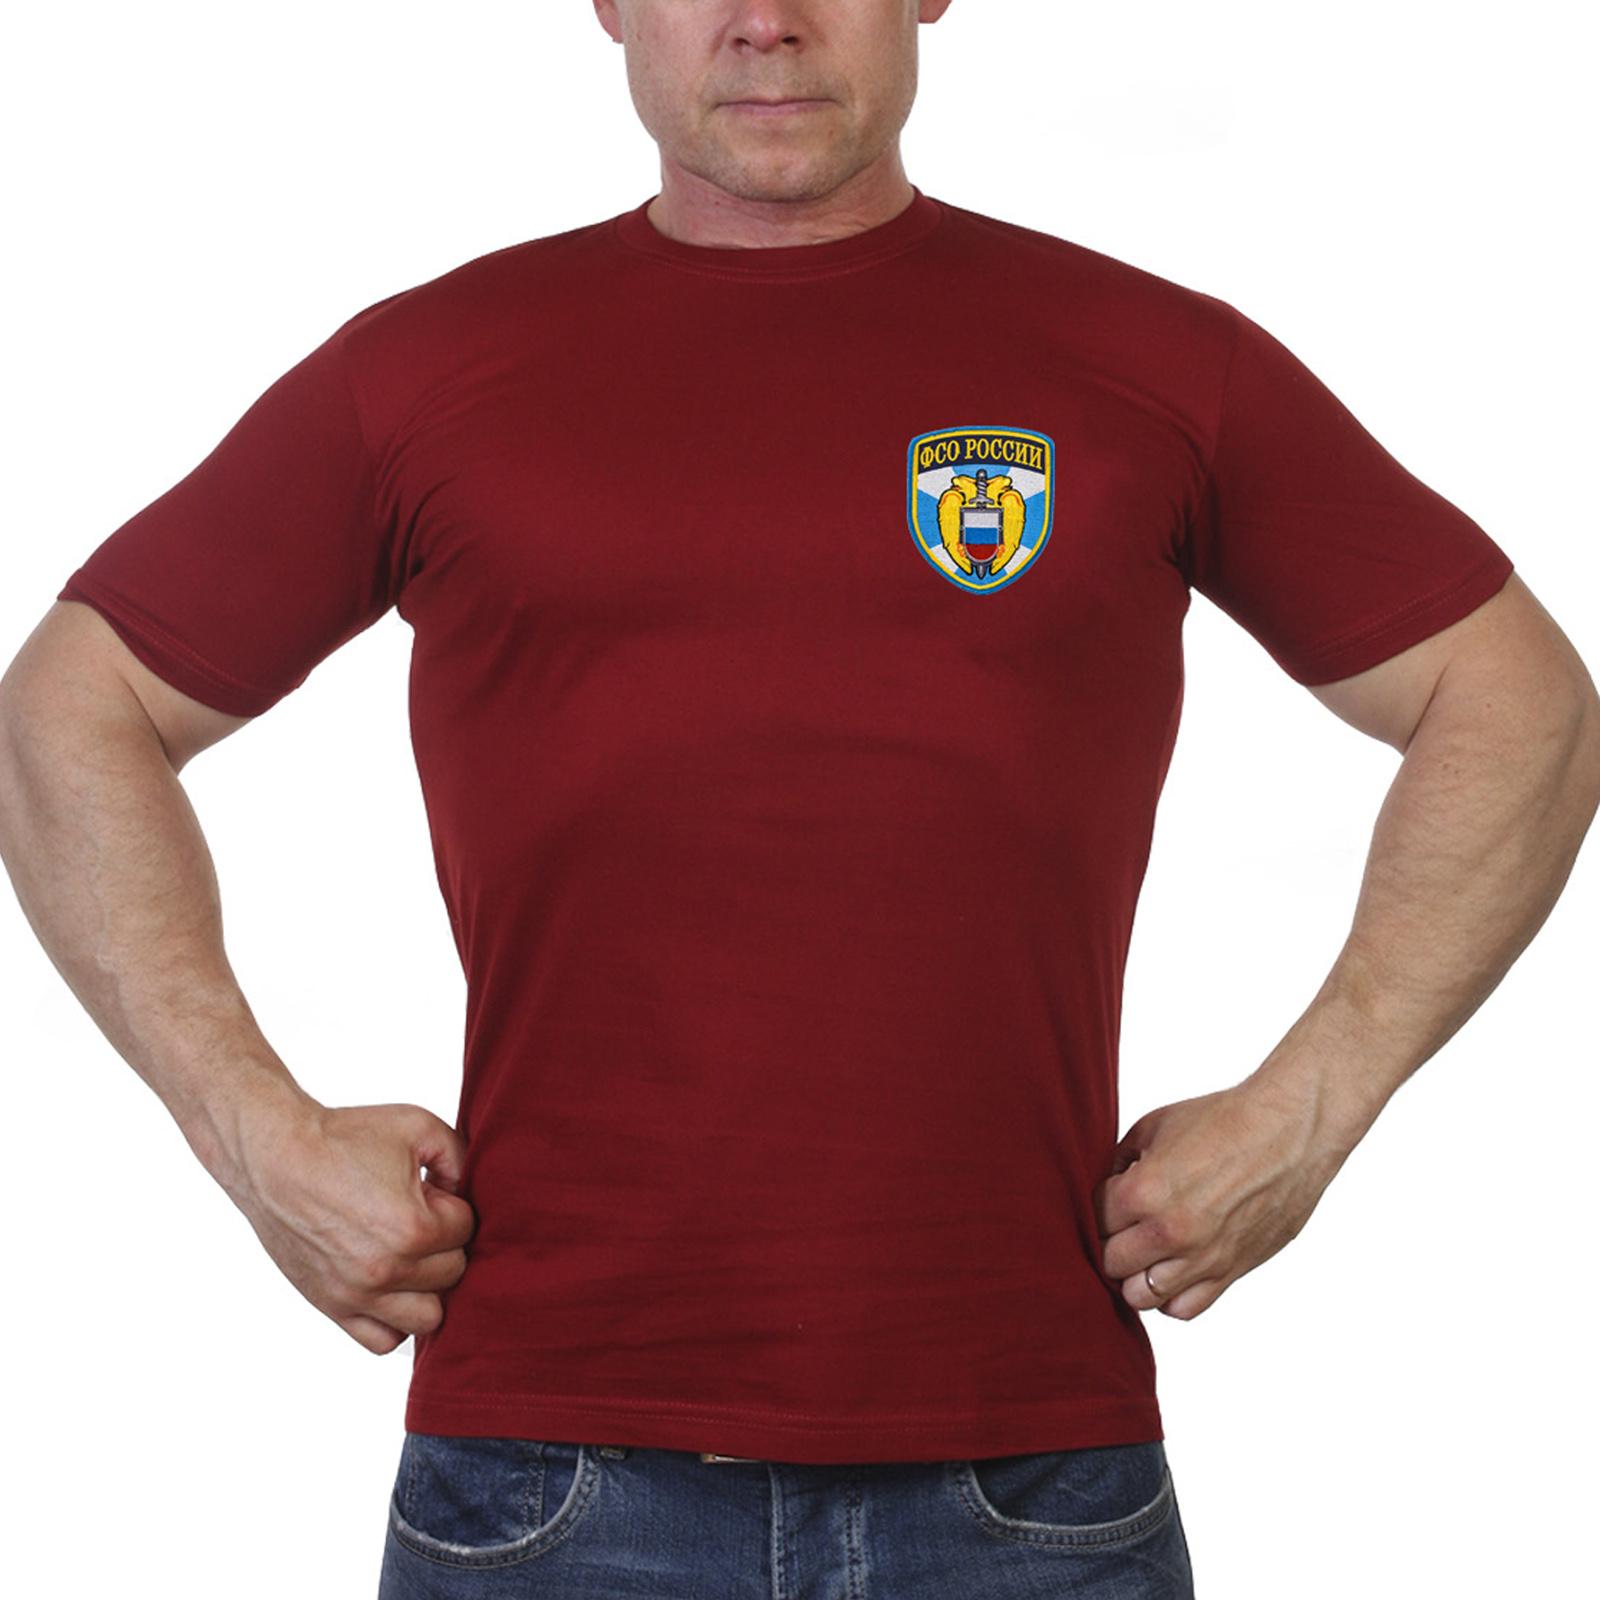 """Мужская футболка """"ФСО России"""""""